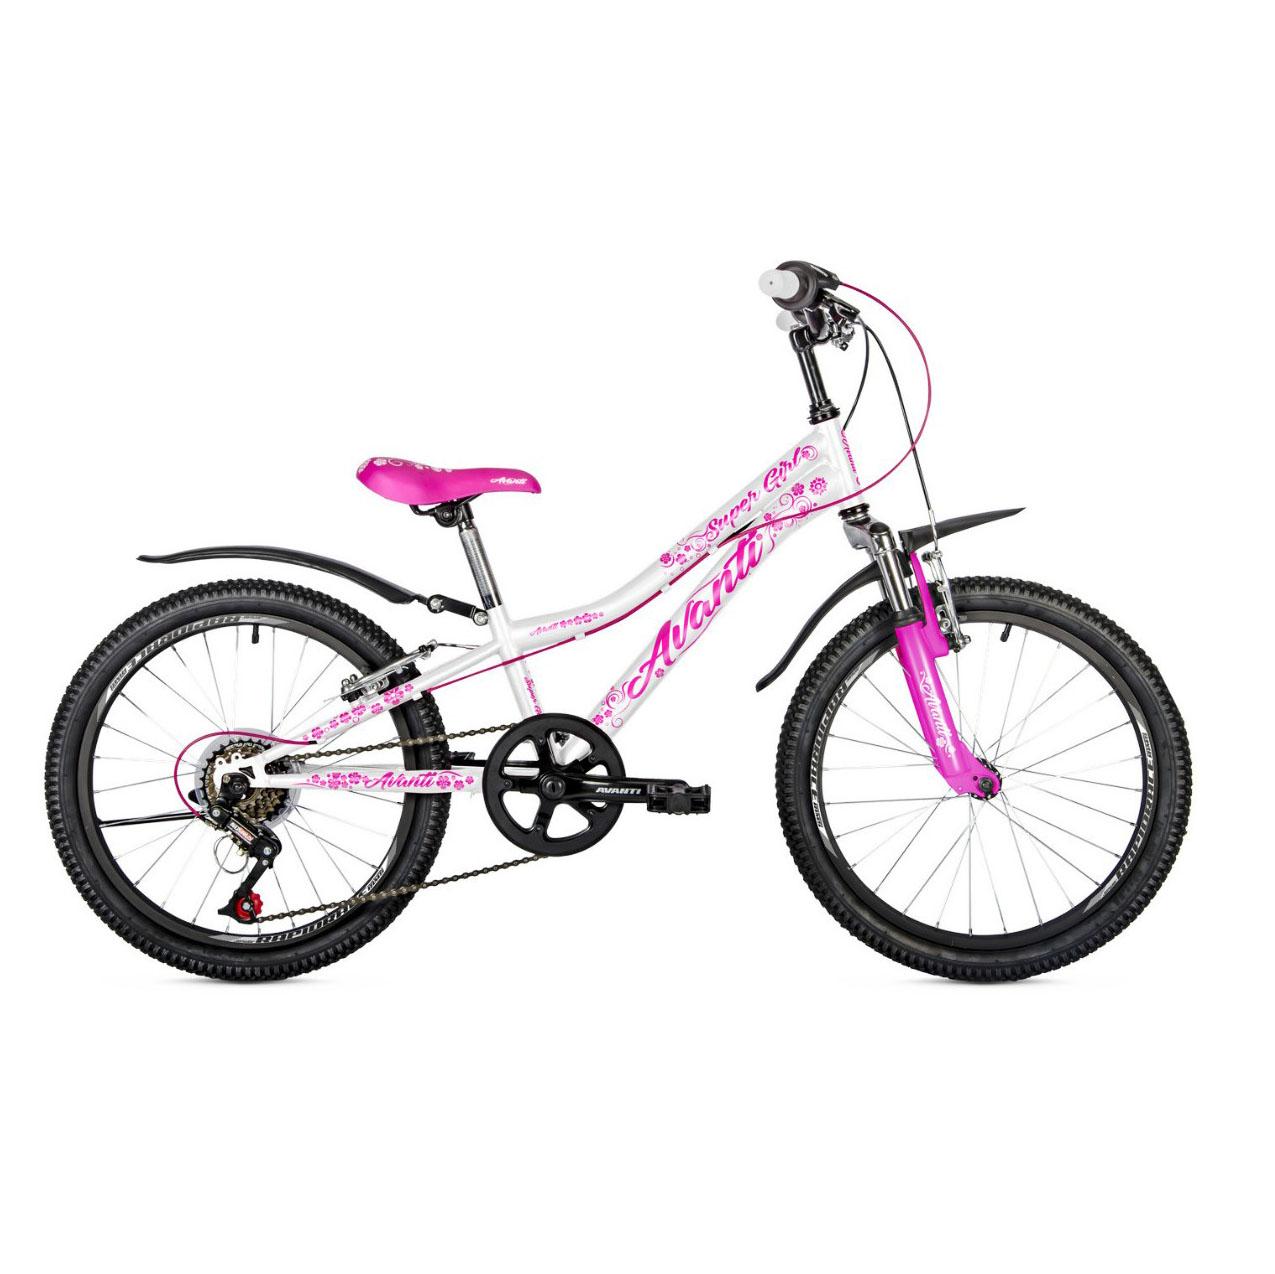 Фото Детский Велосипед 20 Avanti Super Girl 2018 бело-розовый